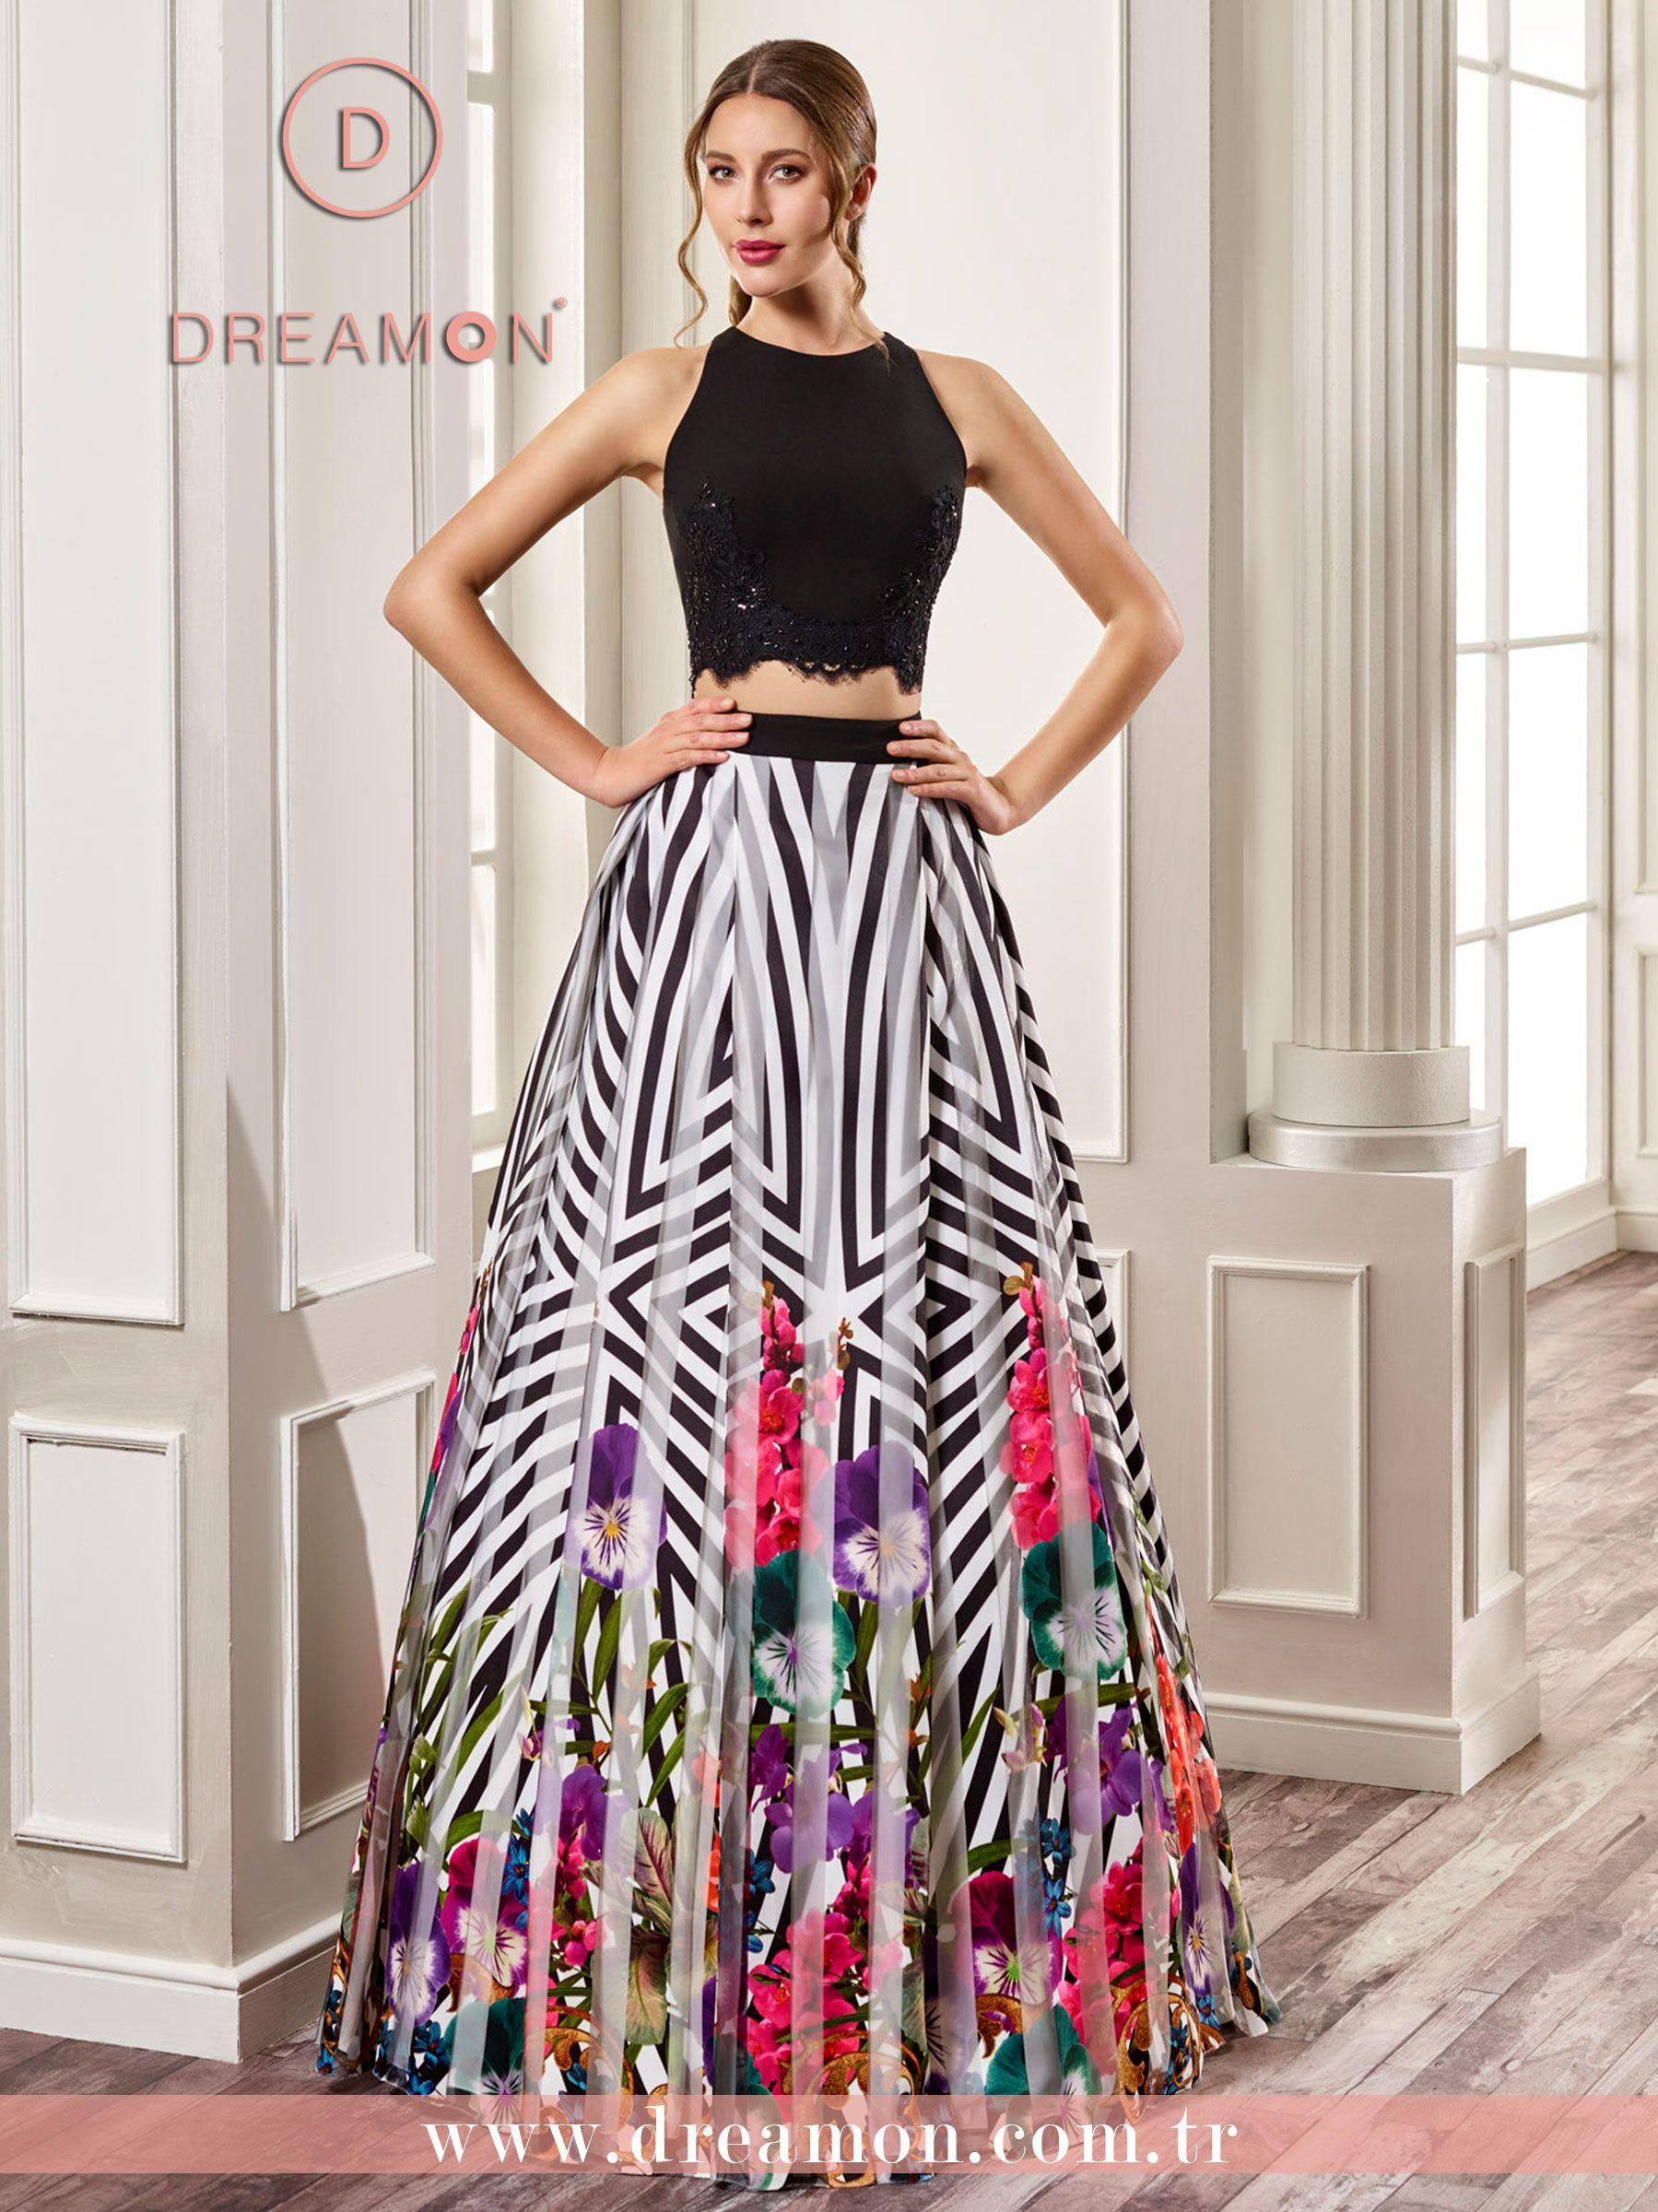 Különleges alkalmi ruha a DreamON Bridals estélyi ruha kollekcióból. Ahogy  a DreamON ruhák mindegyike 85eb4e33a8